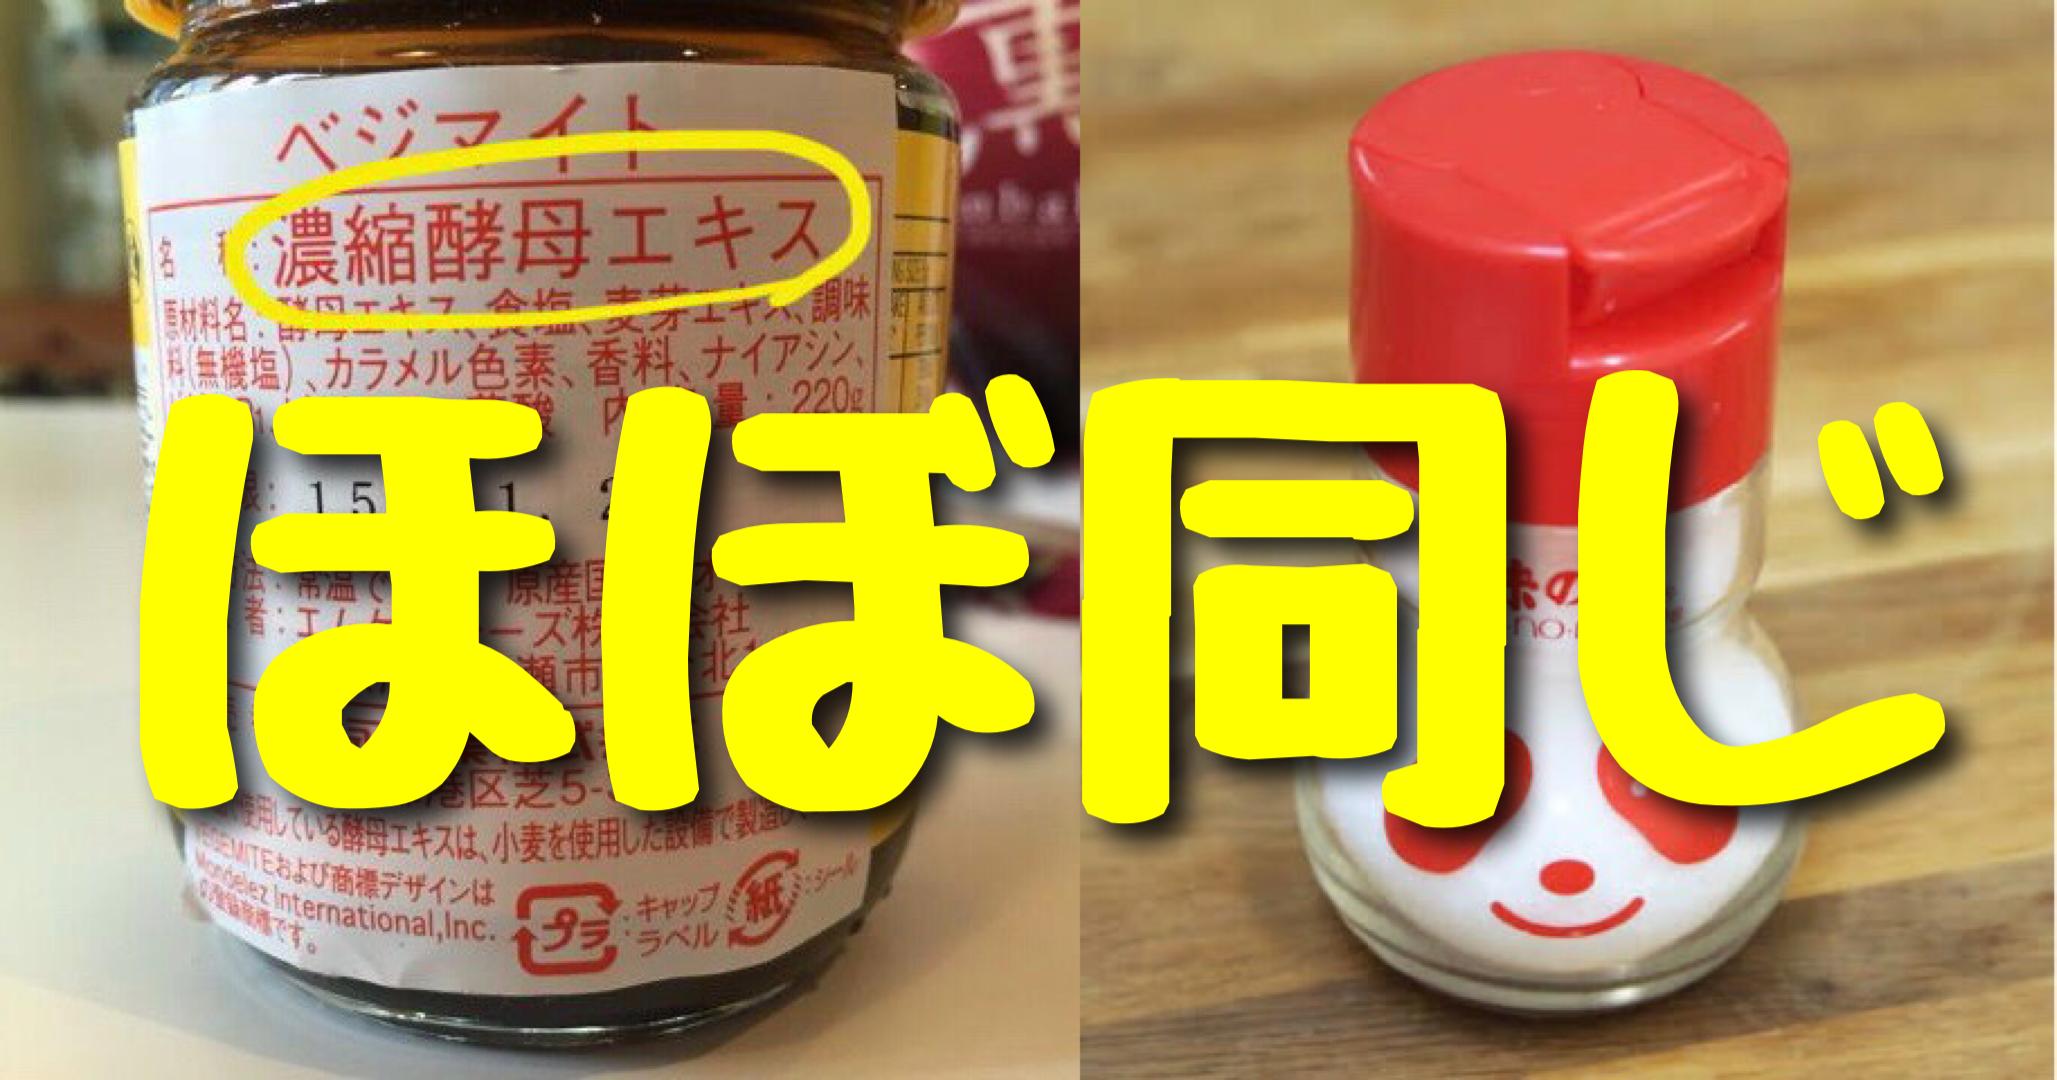 酵母エキス≒調味料(アミノ酸等)